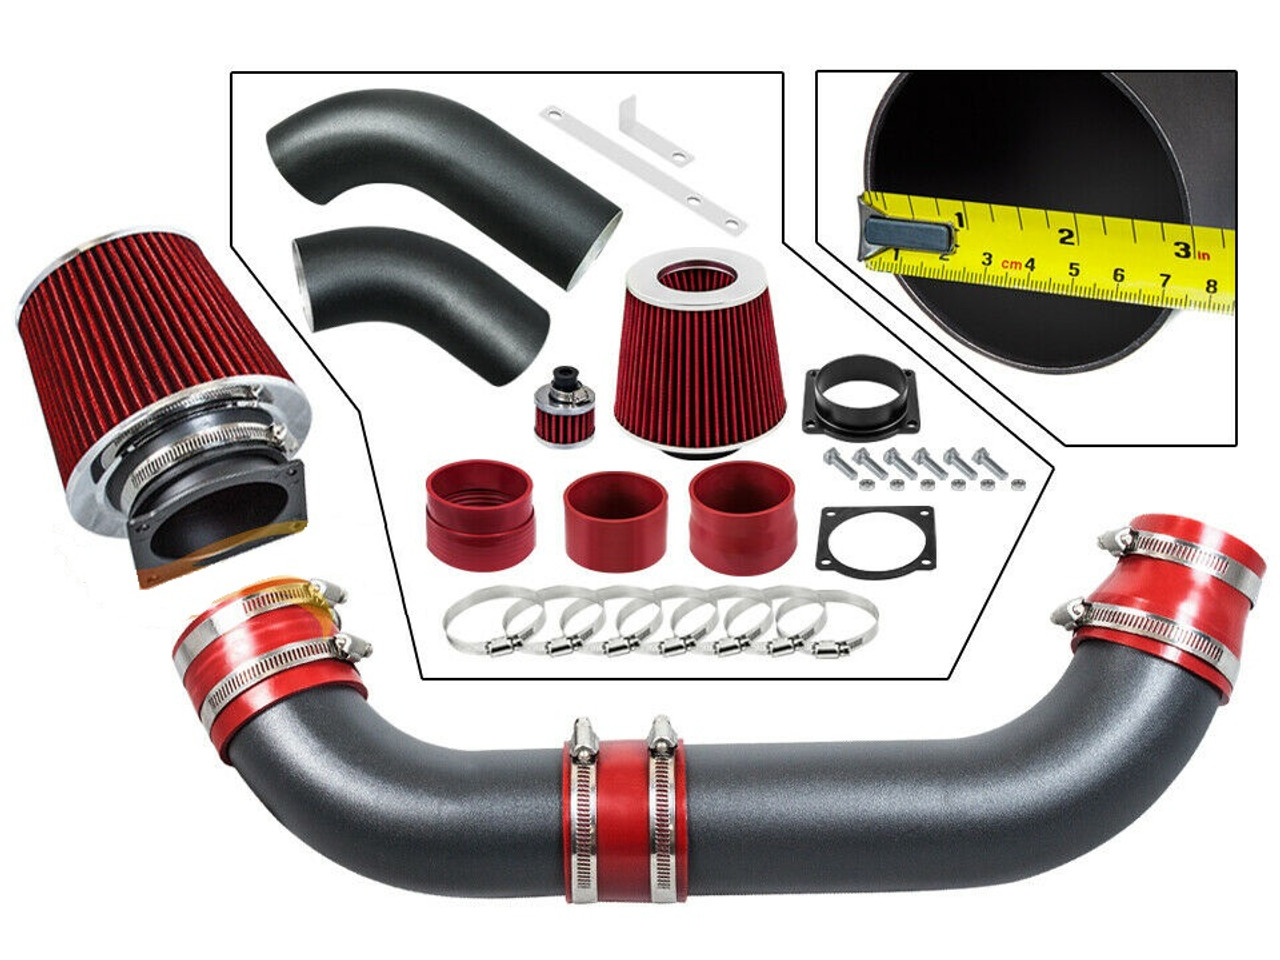 Filter Black Red For 1995-2000 Ford Explorer Ranger 4.0L V6 OHV Air Intake Kit